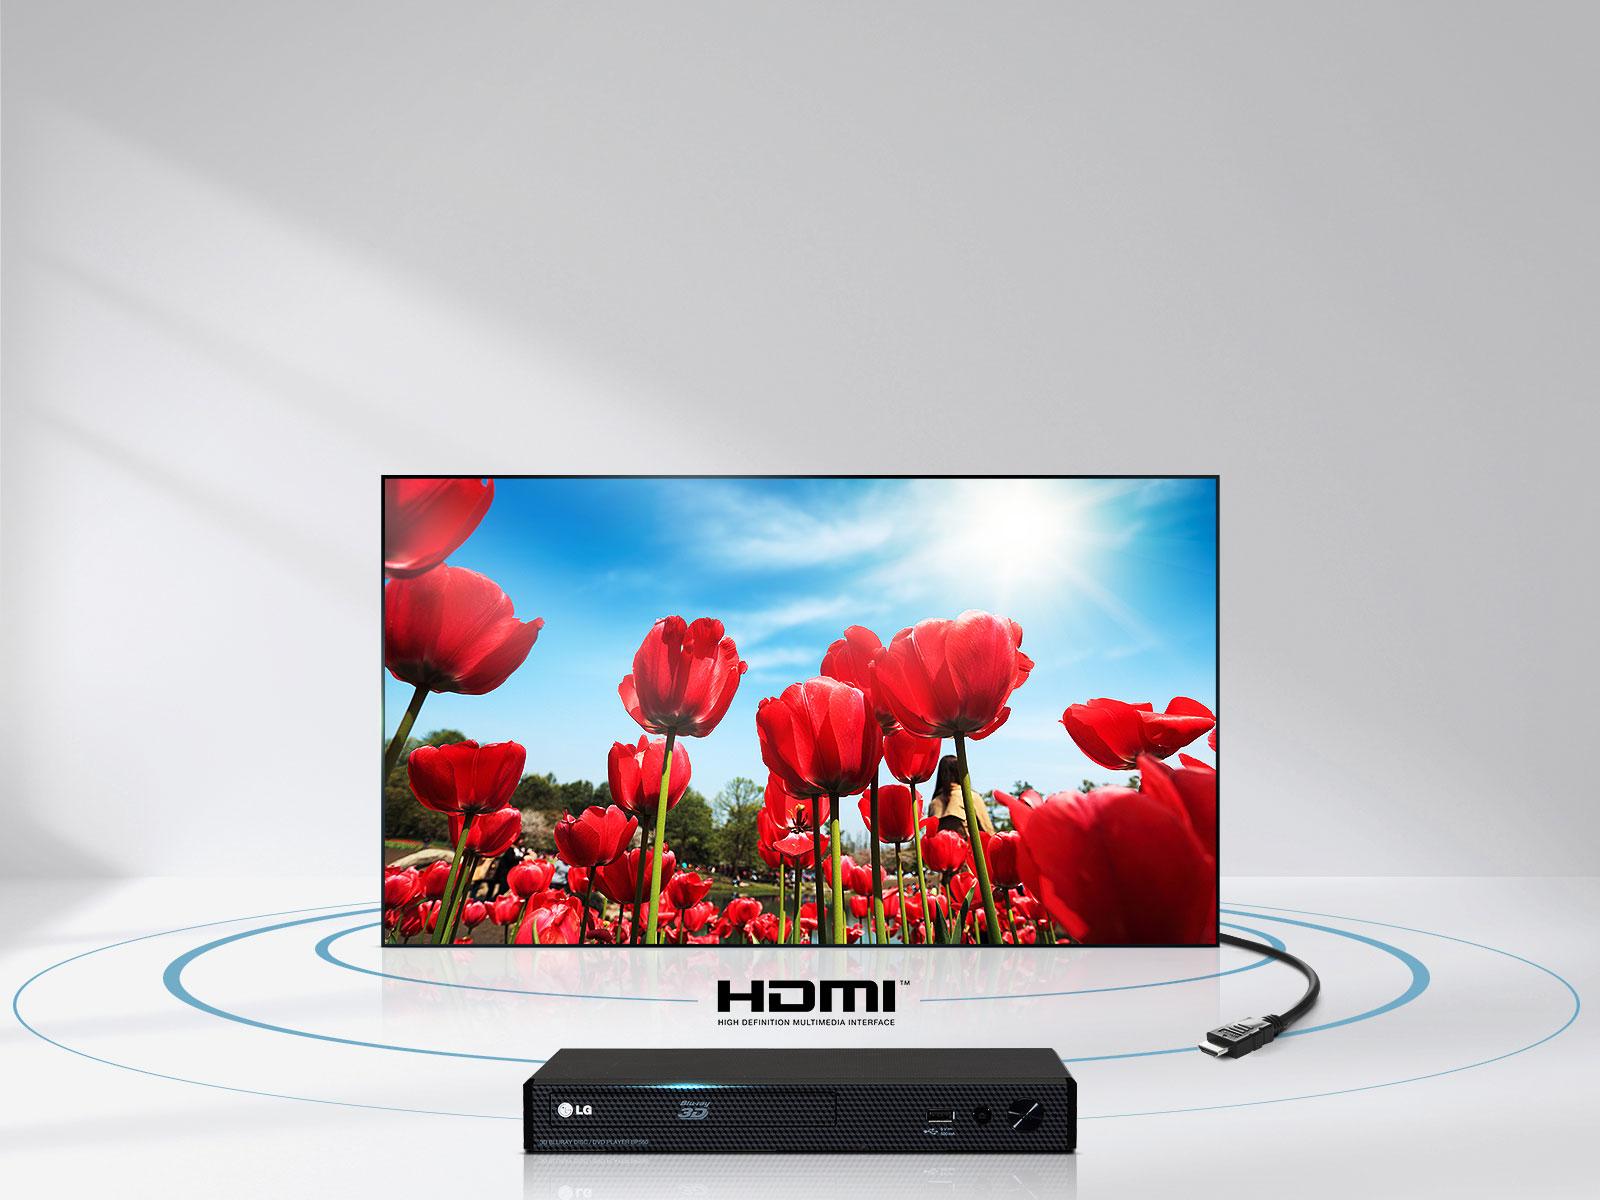 لذت صدا و تصویر باکیفیت، تنها از طریق یک کابل HDMI1